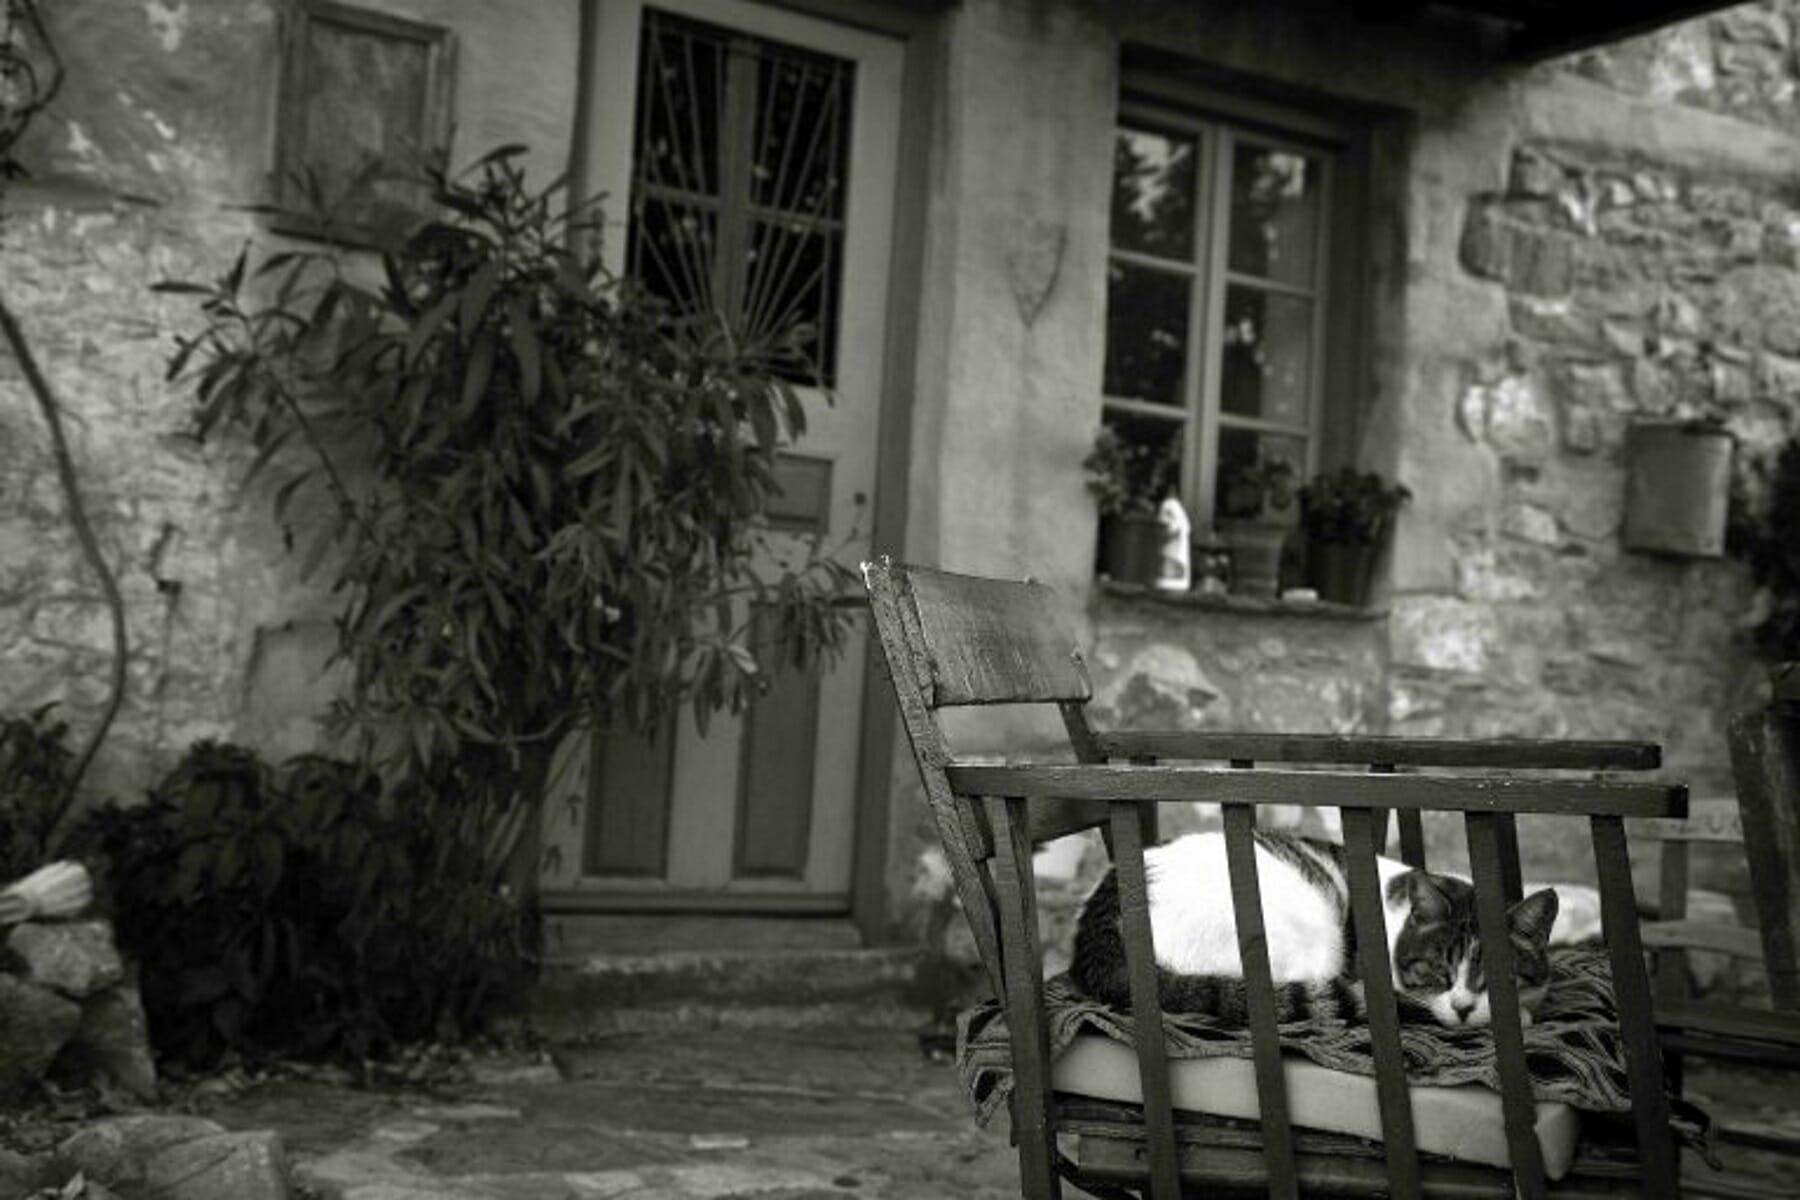 Βόλος: Επέστρεφε σπίτι και είδε να κάθονται στο μπαλκόνι του 3 άγνωστες γυναίκες! Τι είχε συμβεί…